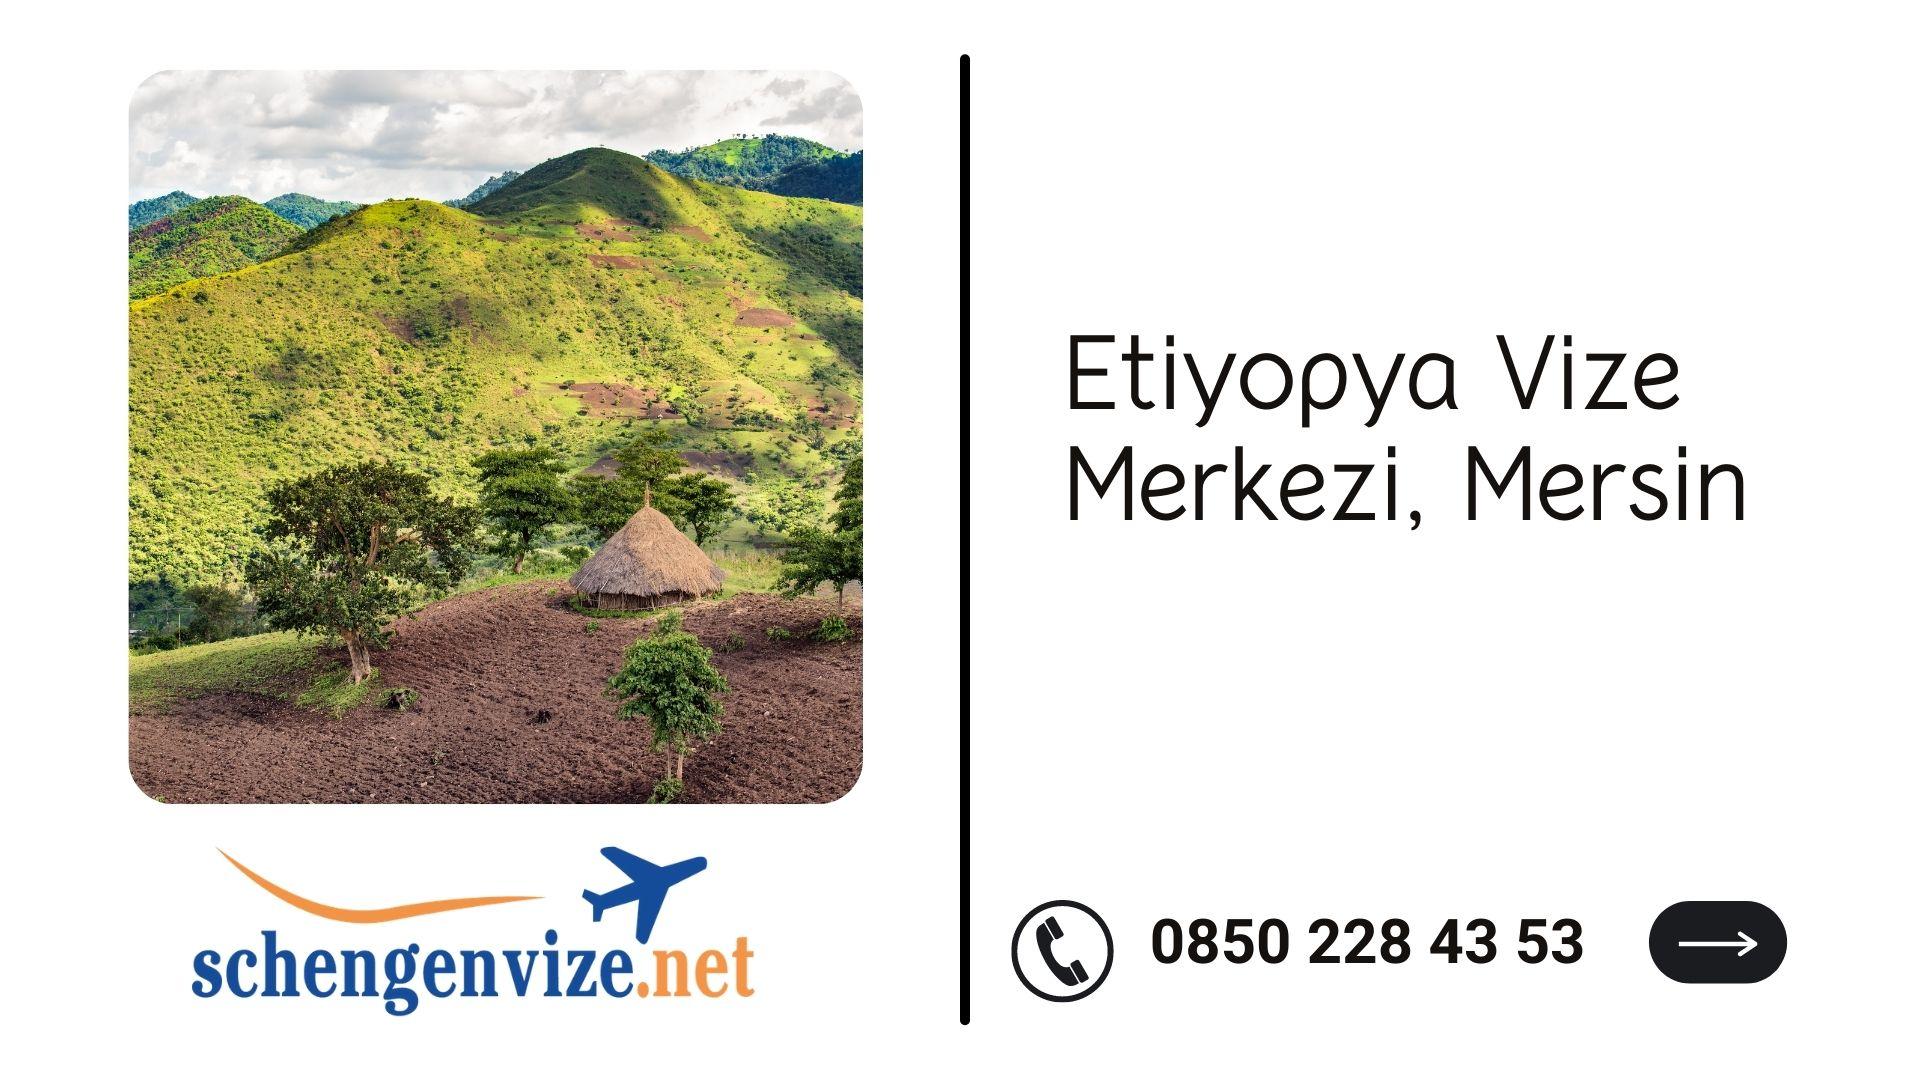 Etiyopya Vize Merkezi, Mersin